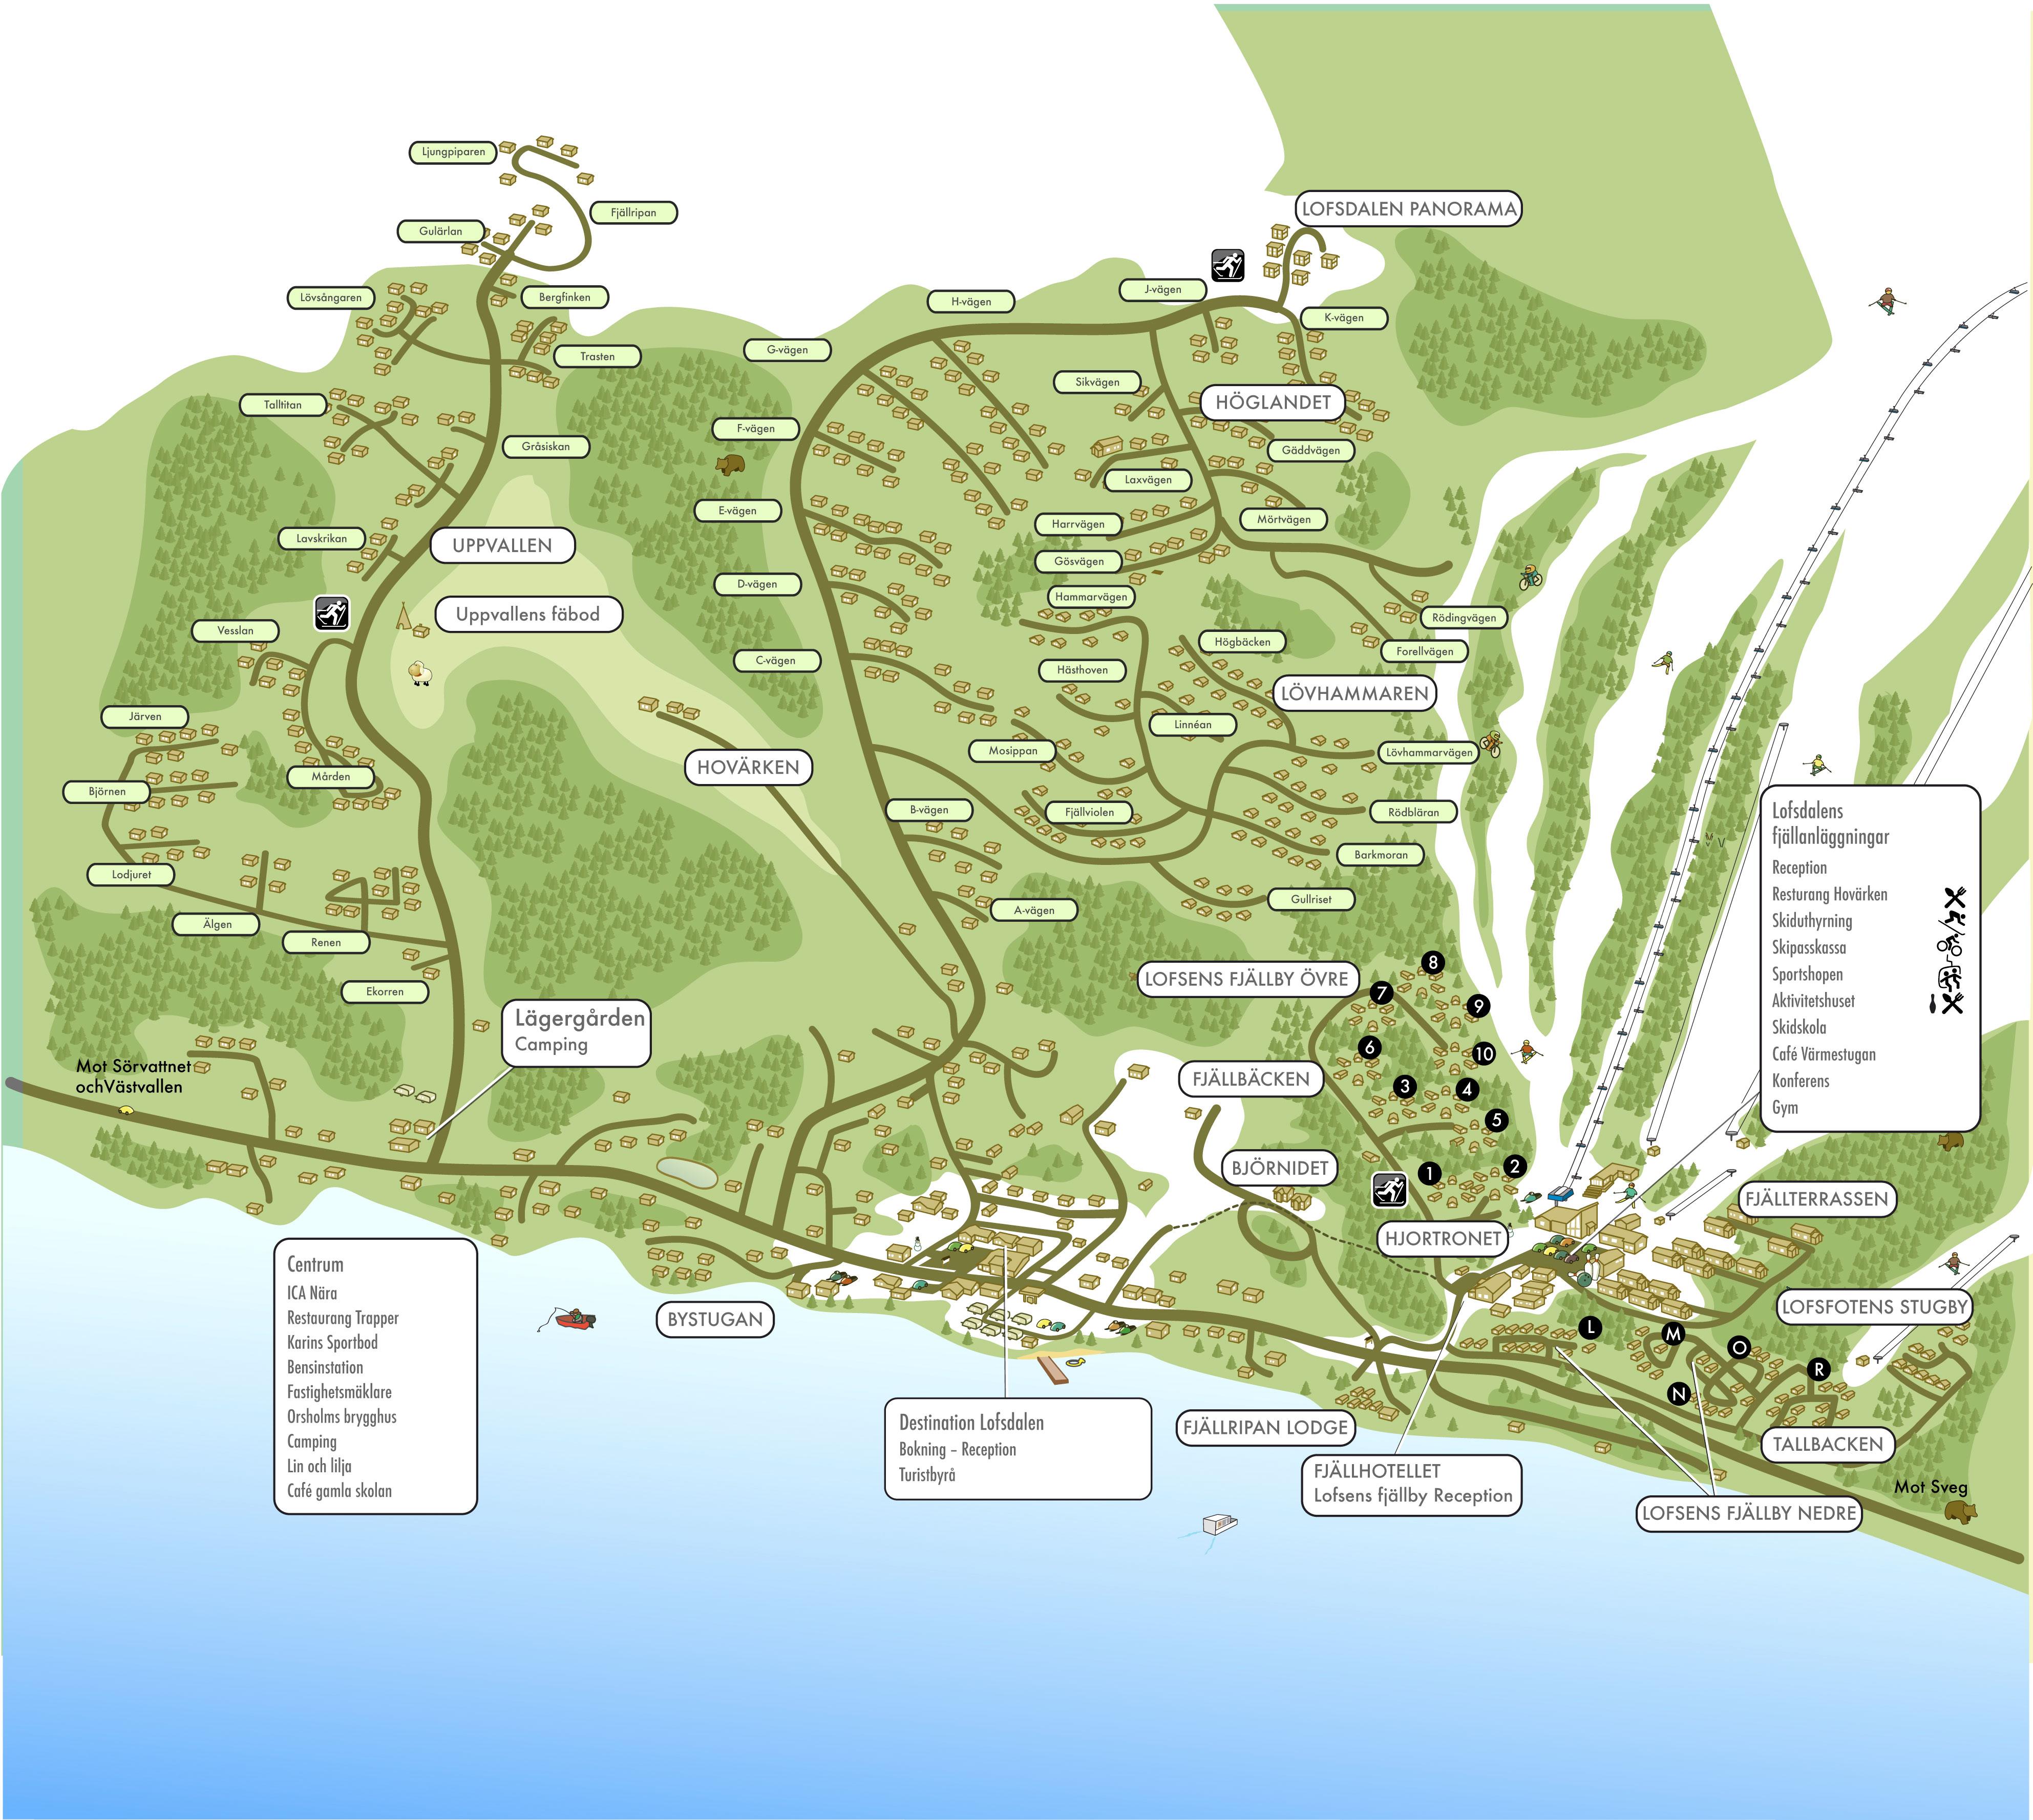 lofsdalen karta Boende | Lofsdalen lofsdalen karta